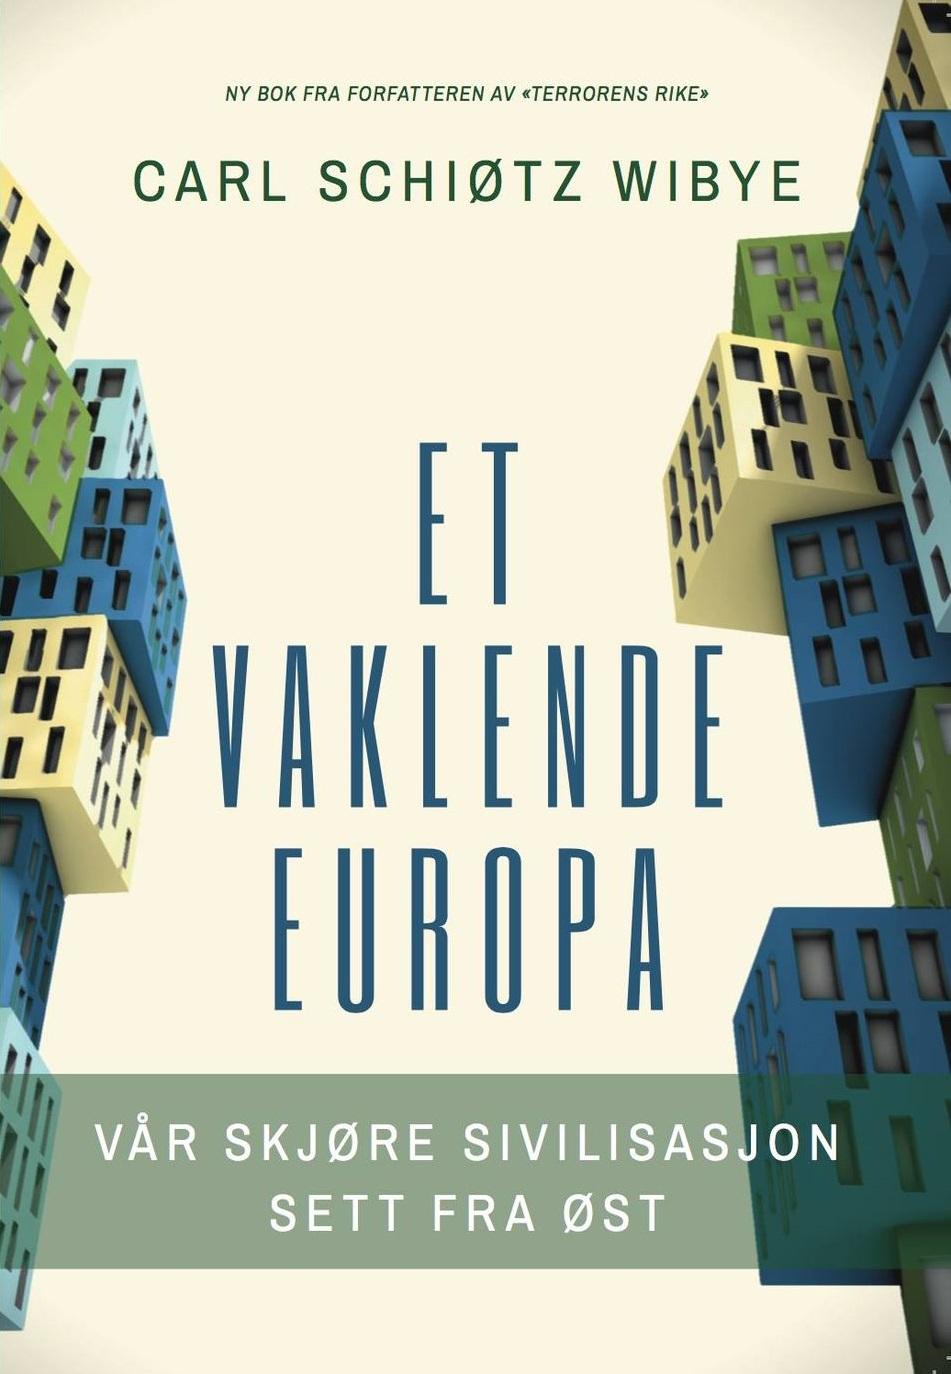 """""""Et vaklende Europa - vår skjøre sivilisasjon sett fra øst"""" av Carl Schiøtz Wibye"""